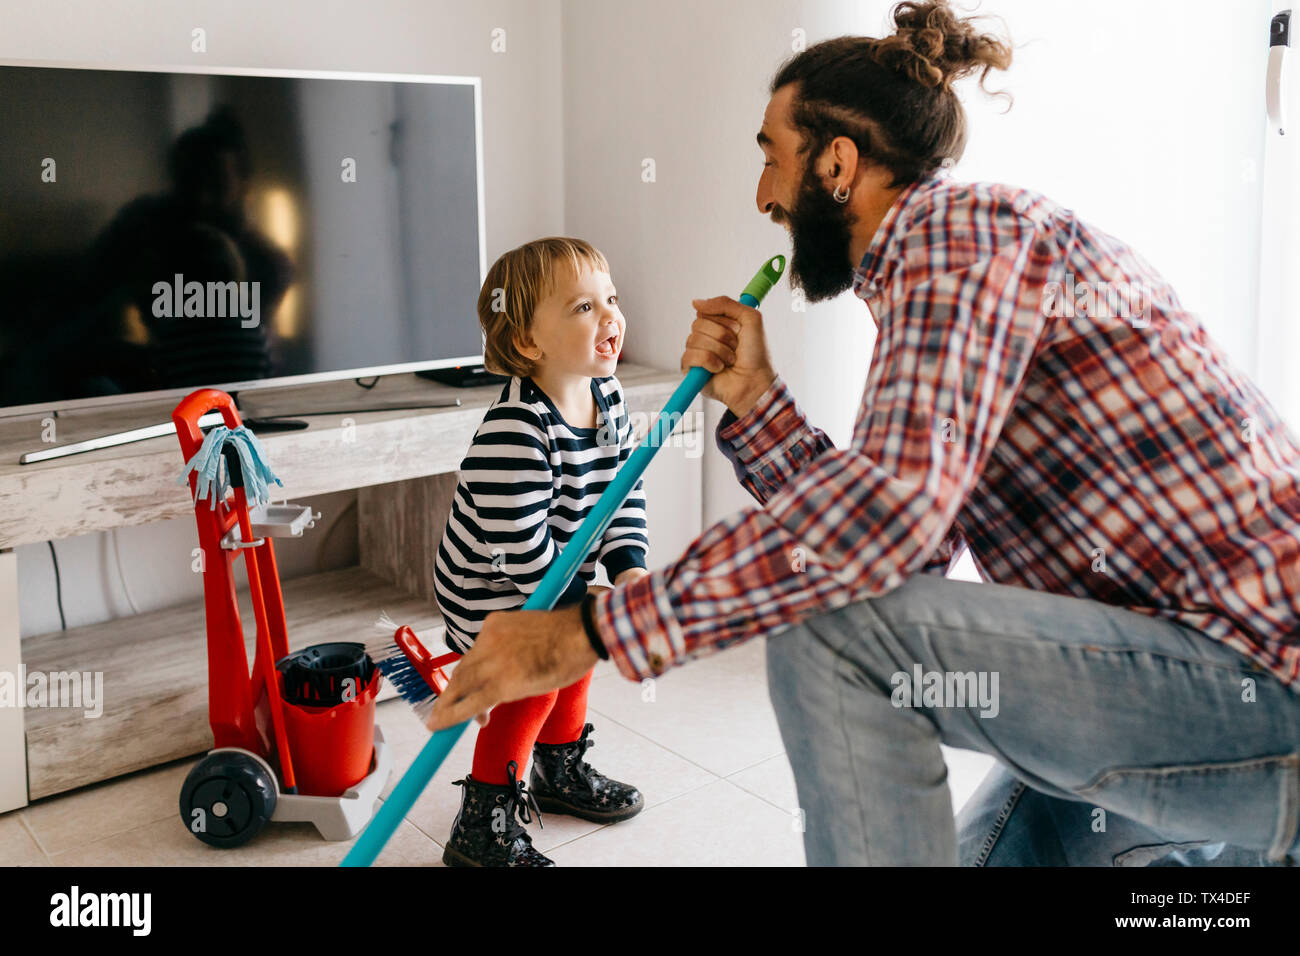 Vater und Tochter Spaß zusammen während der Reinigung der Wohnzimmer Stockfoto